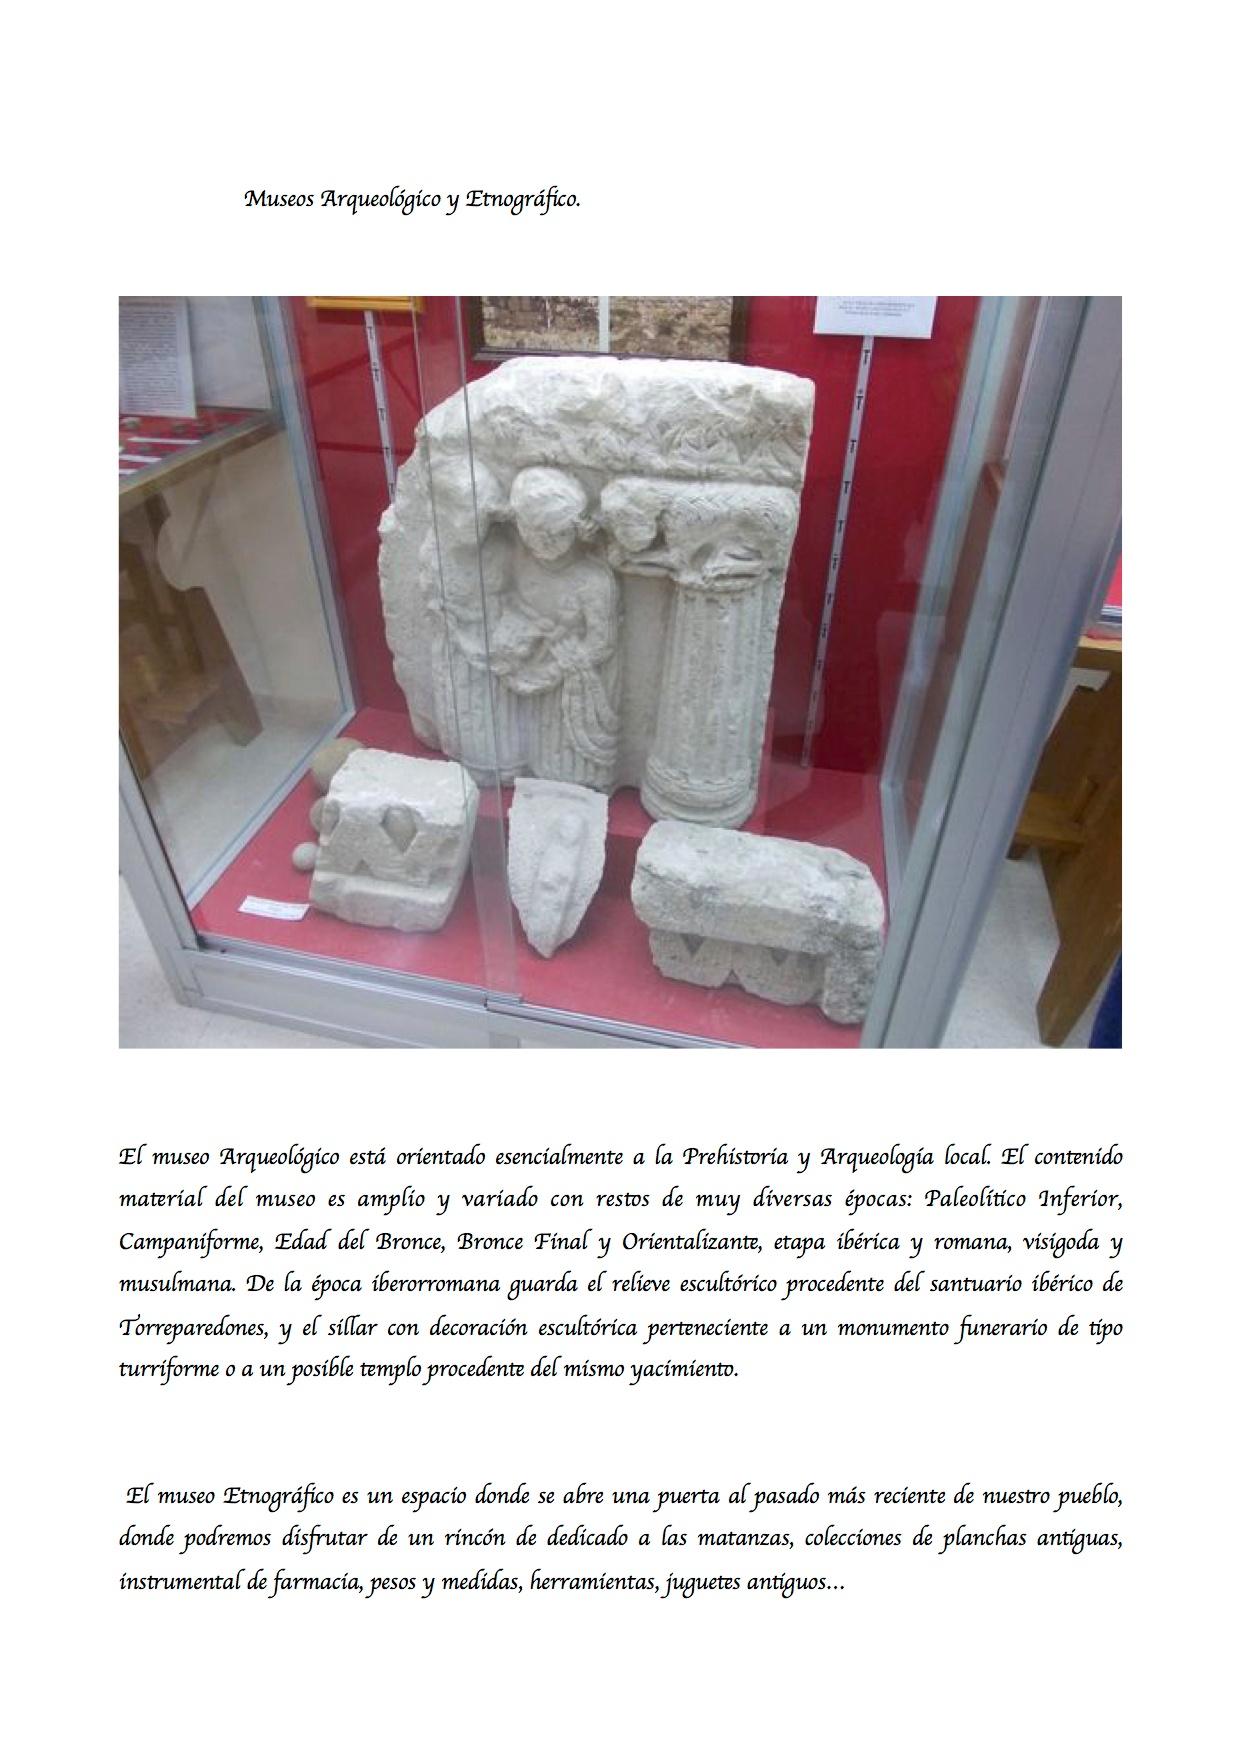 Museos Arqueológico y Etnográfico